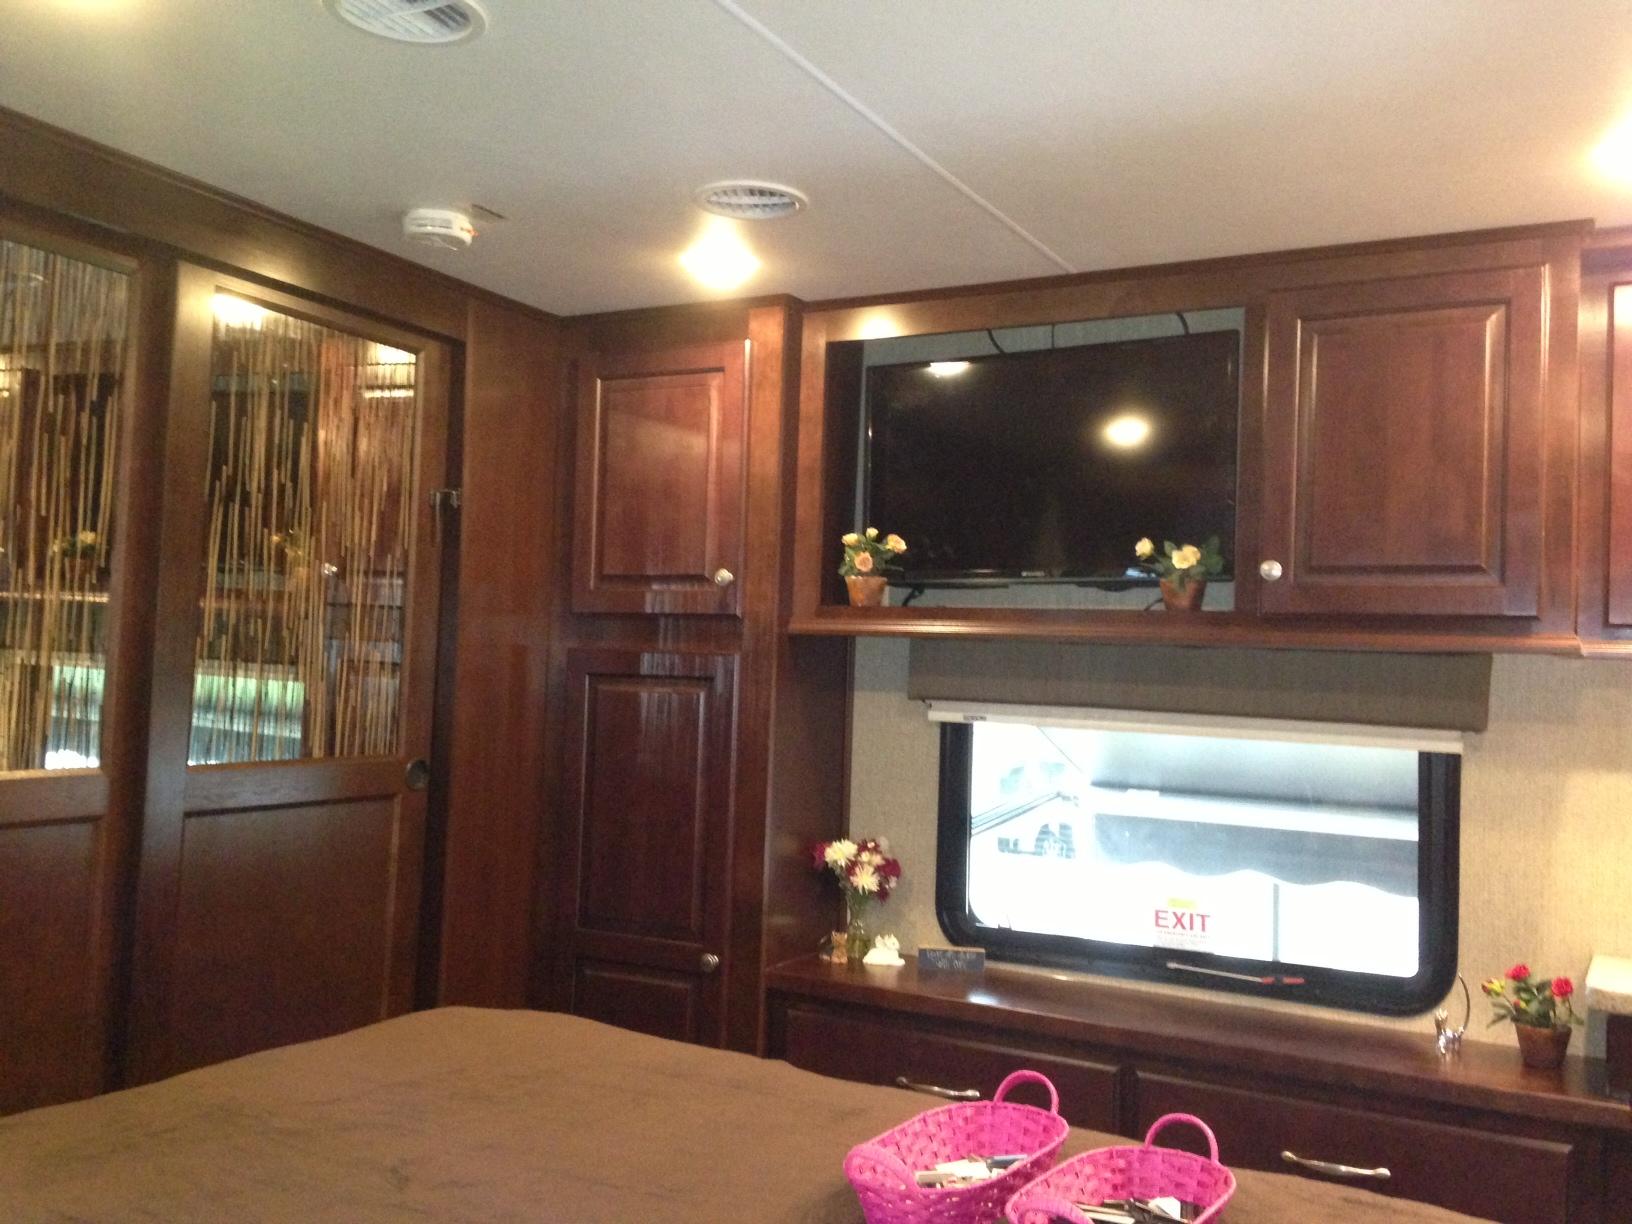 Bedroom U2013 Closet, Linen Cabinet, Dresser, Window And TV